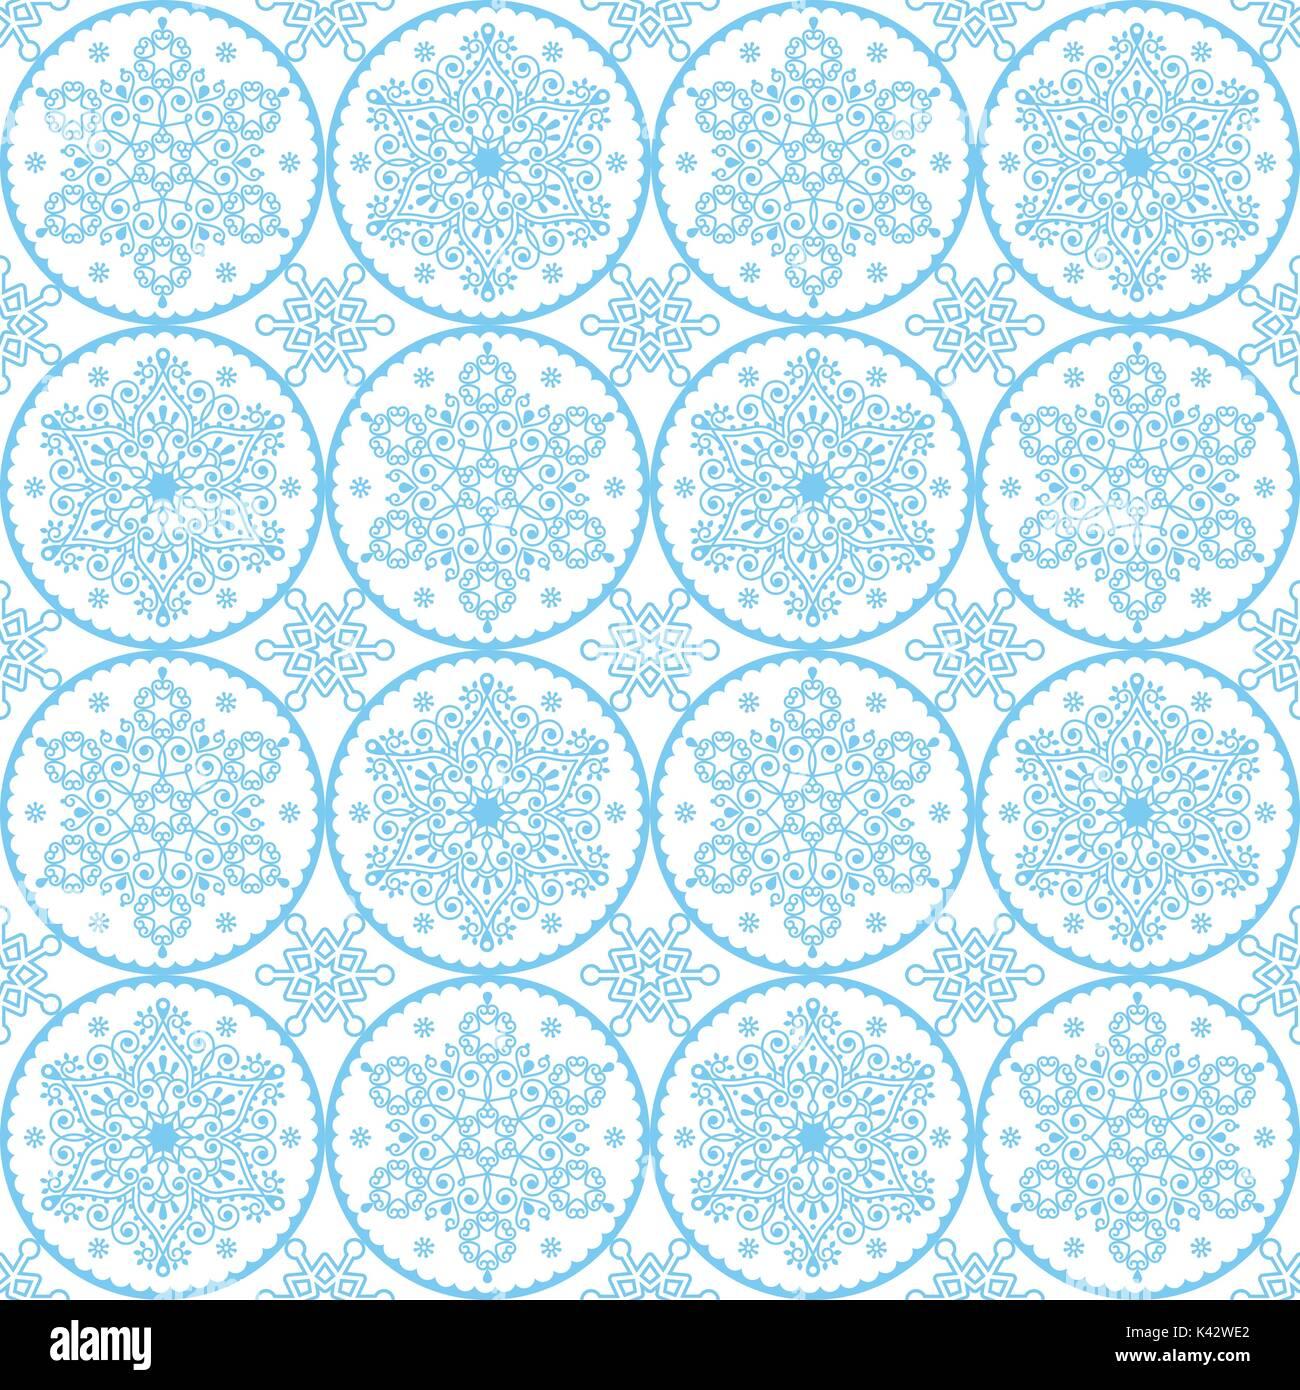 Vecteur De Noël Motif Art Populaire Blue Snowflakes